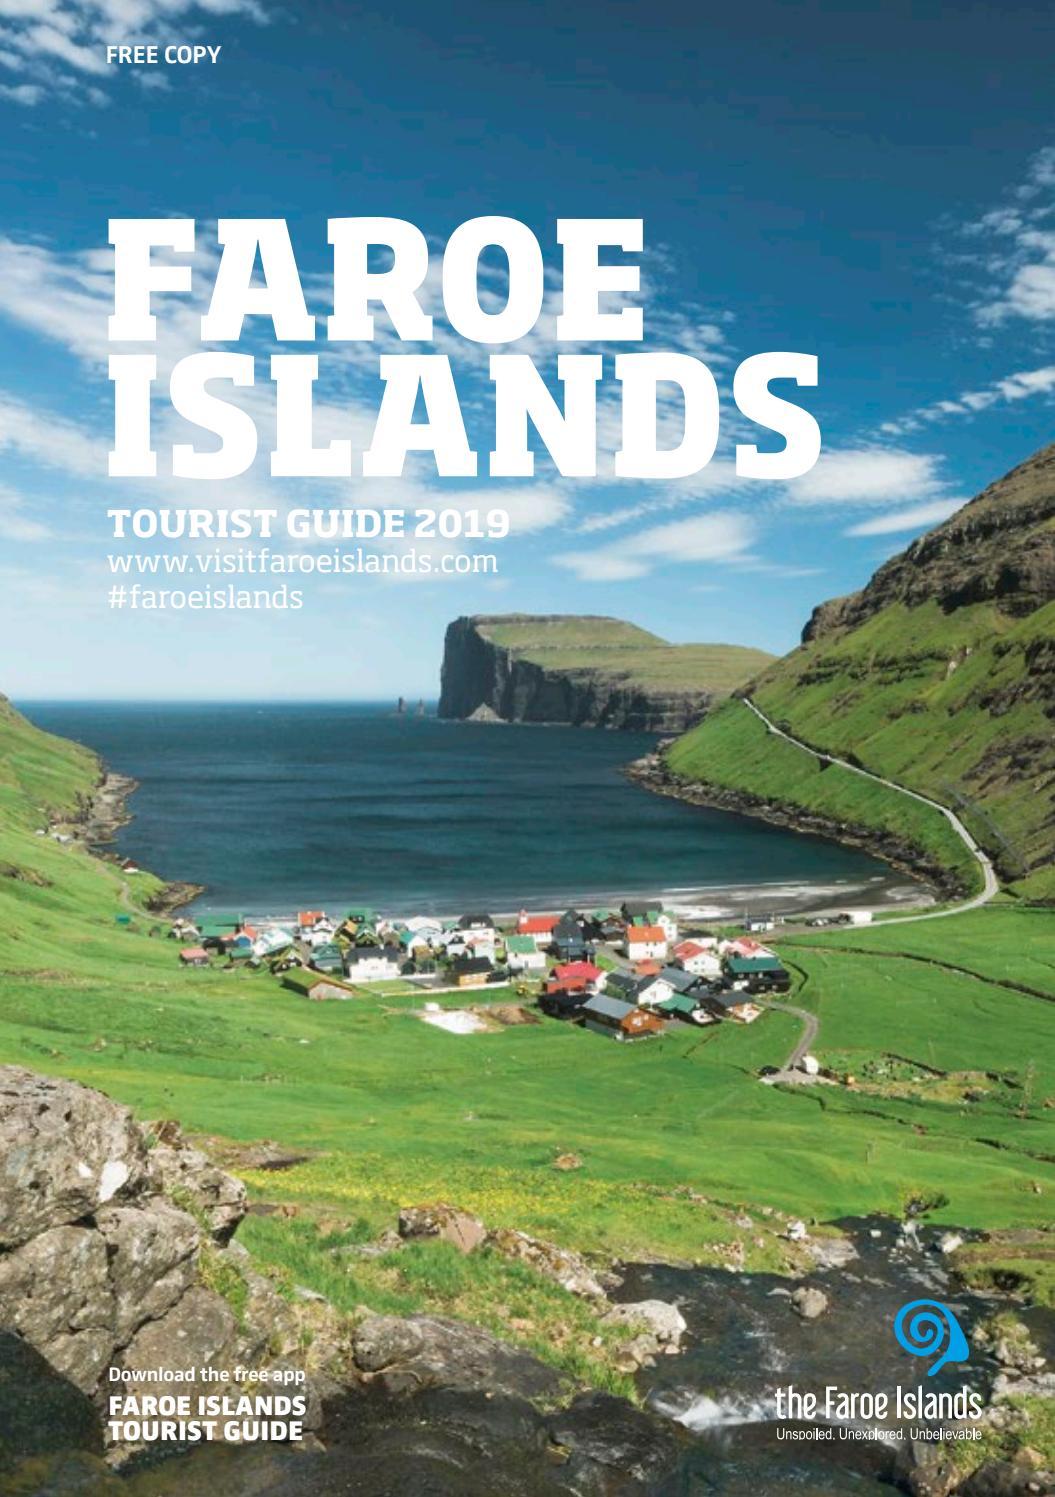 Faroe Islands - Tourist Guide 2019 by Visit Faroe Islands